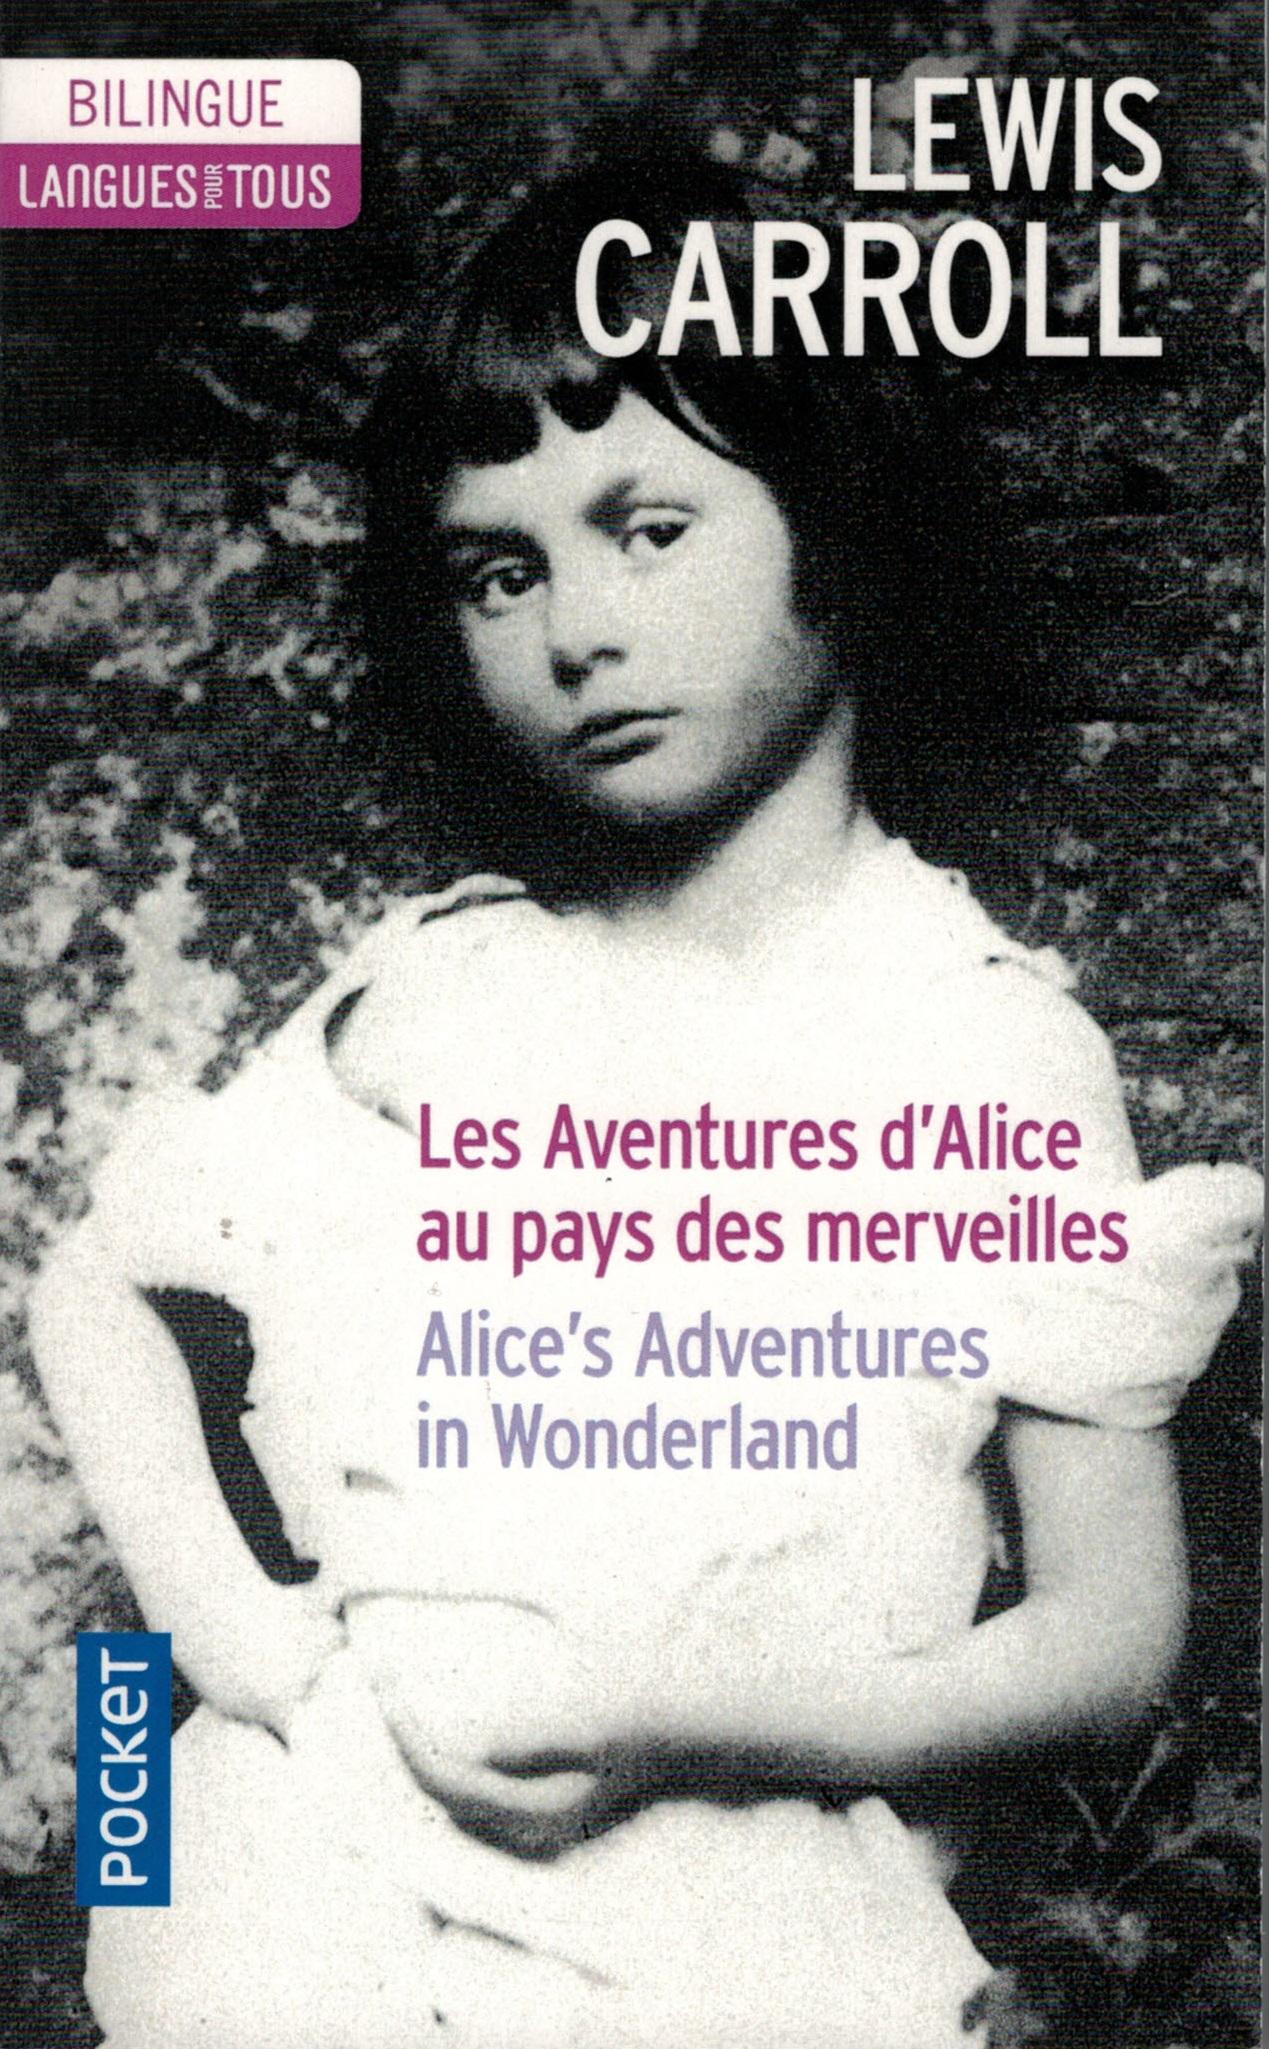 BILINGUE - LES AVENTURES D'ALICE AU PAYS DES MERVEILLES/ALICE'S ADVENTURES IN WONDERLAND